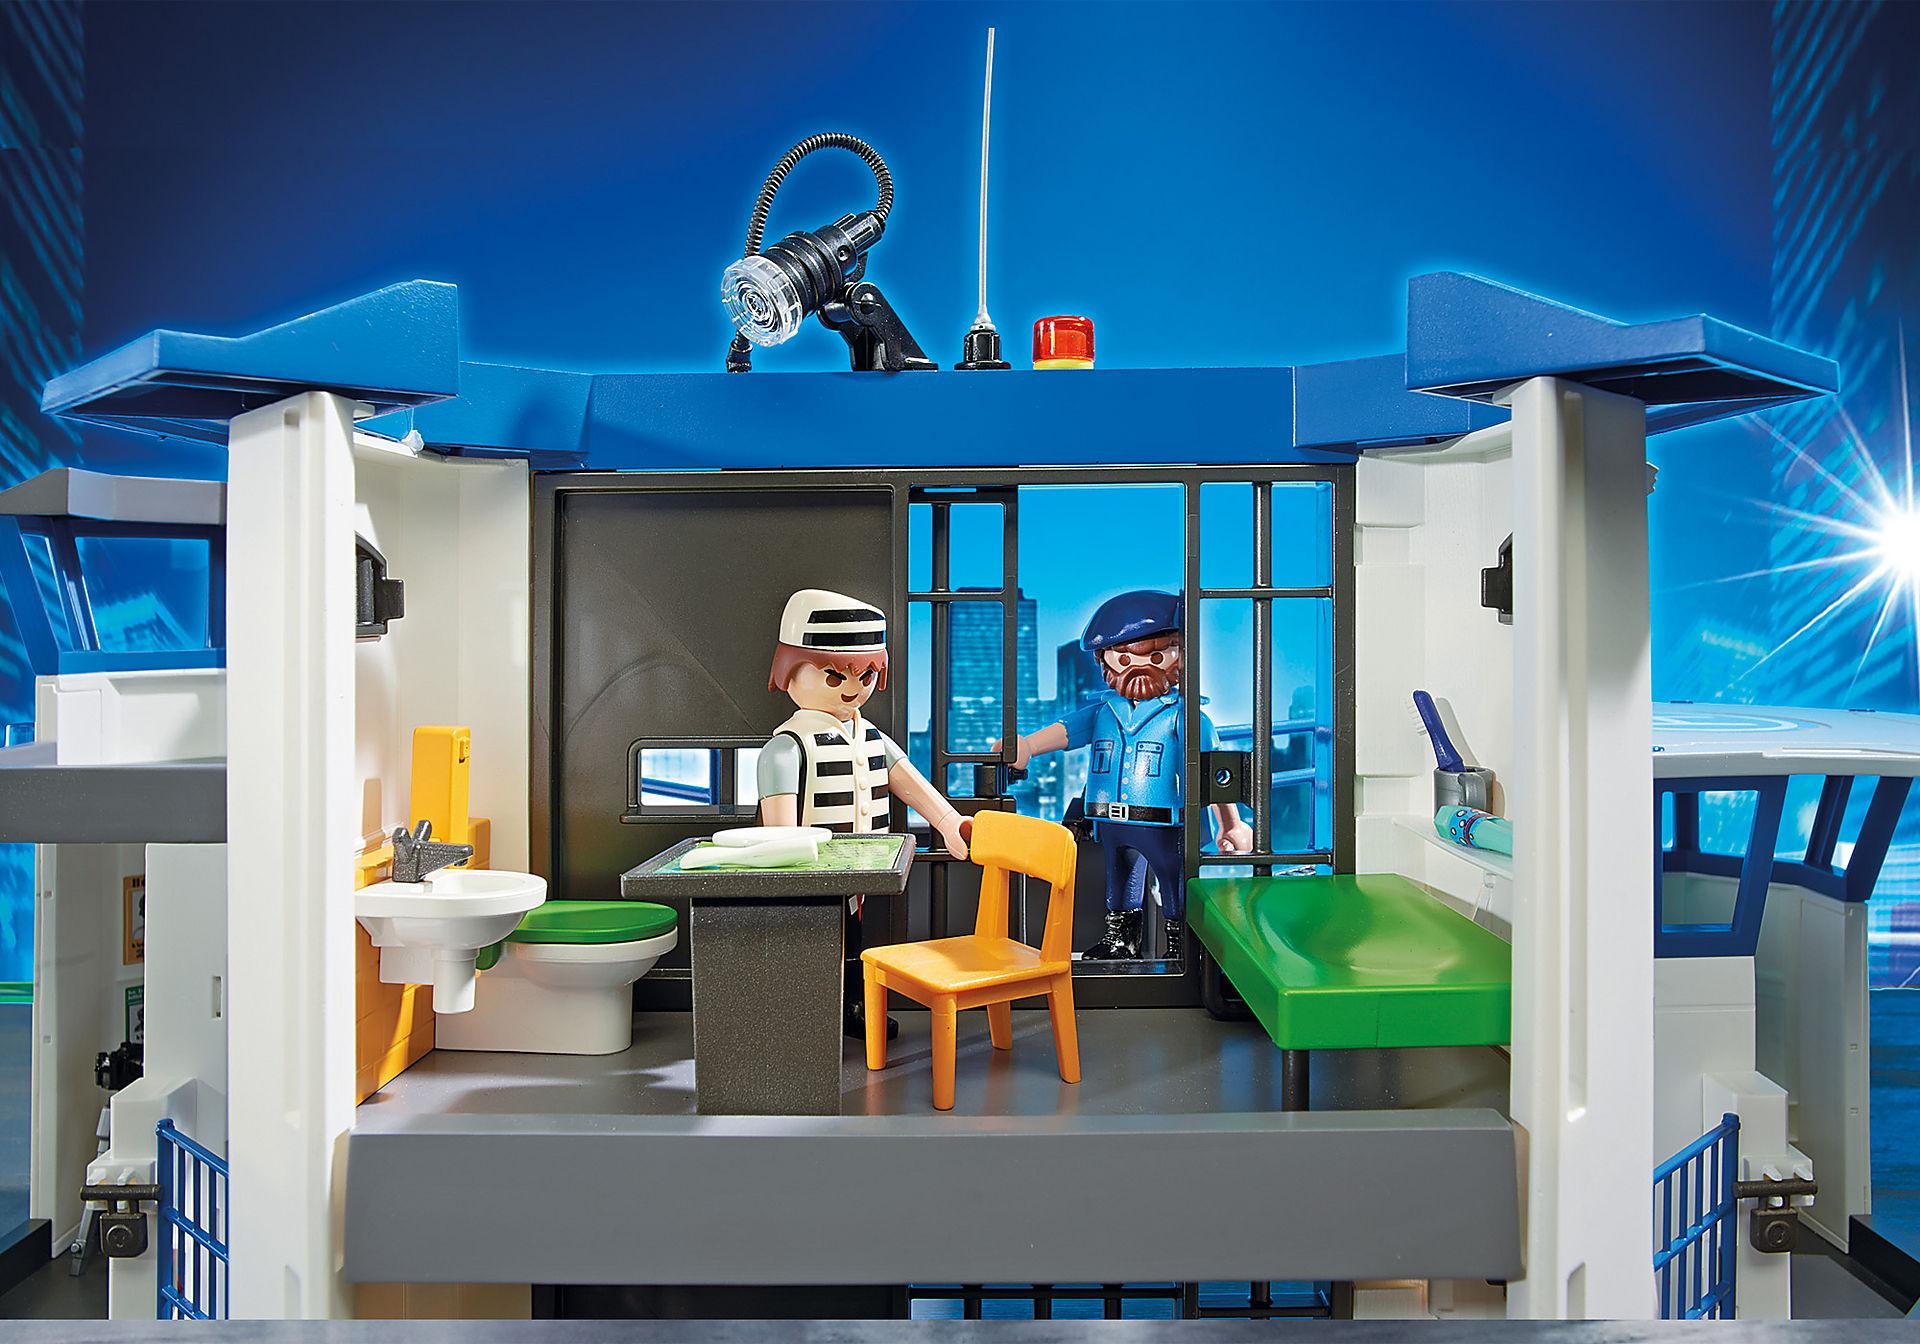 6919 Esquadra da Polícia com prisão zoom image7